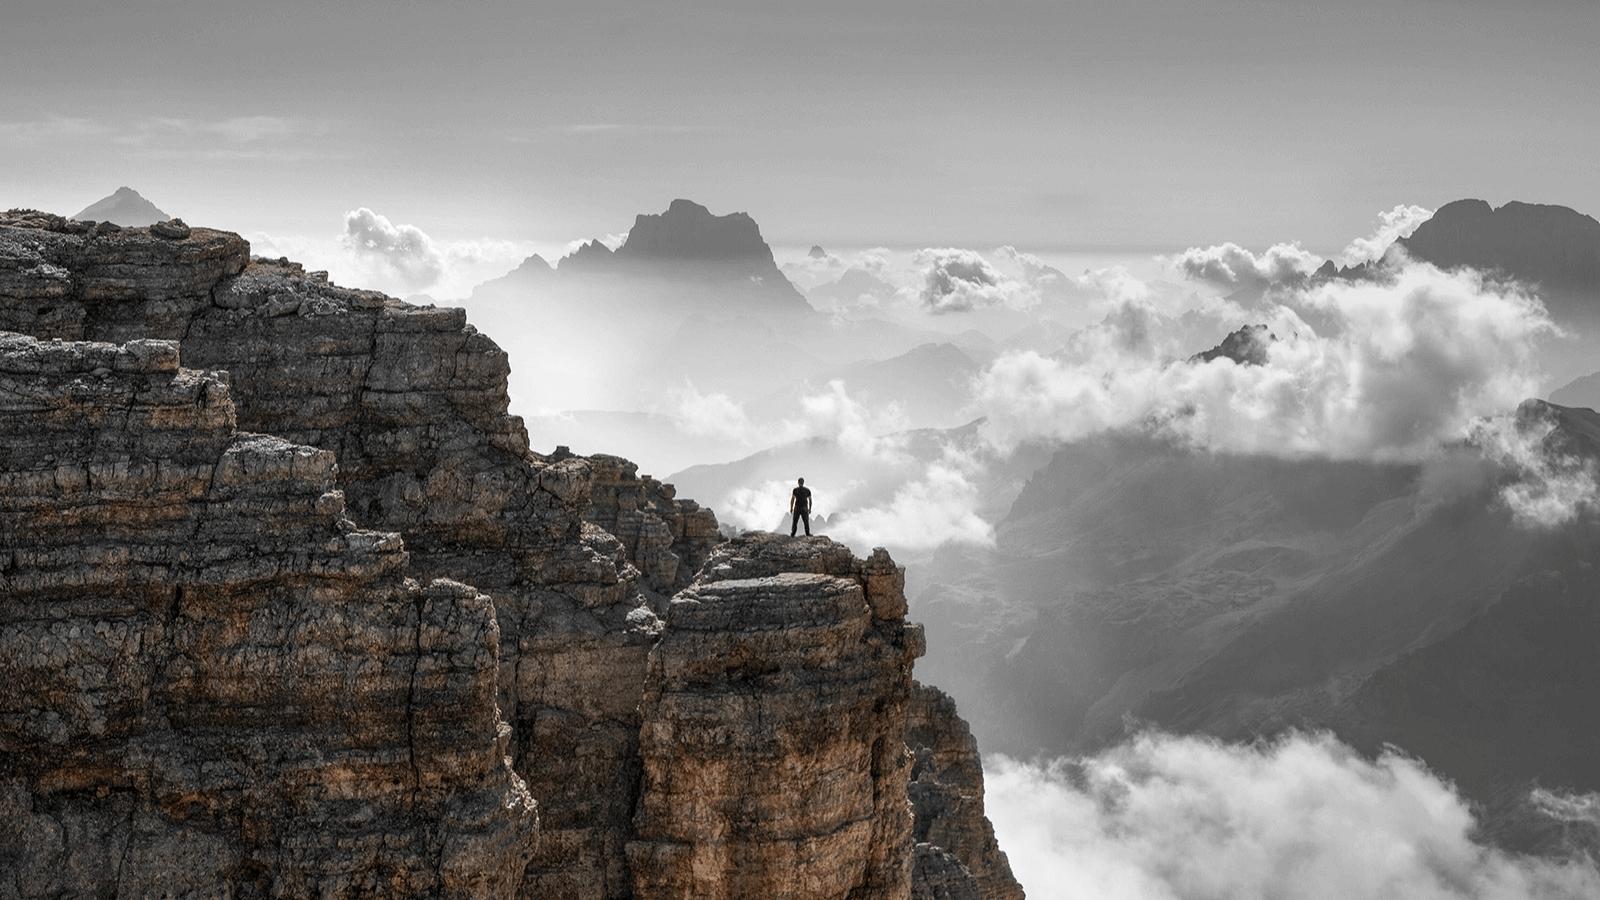 Fotógrafo italiano registra imágenes donde muestra qué tan pequeños somos ante el mundo